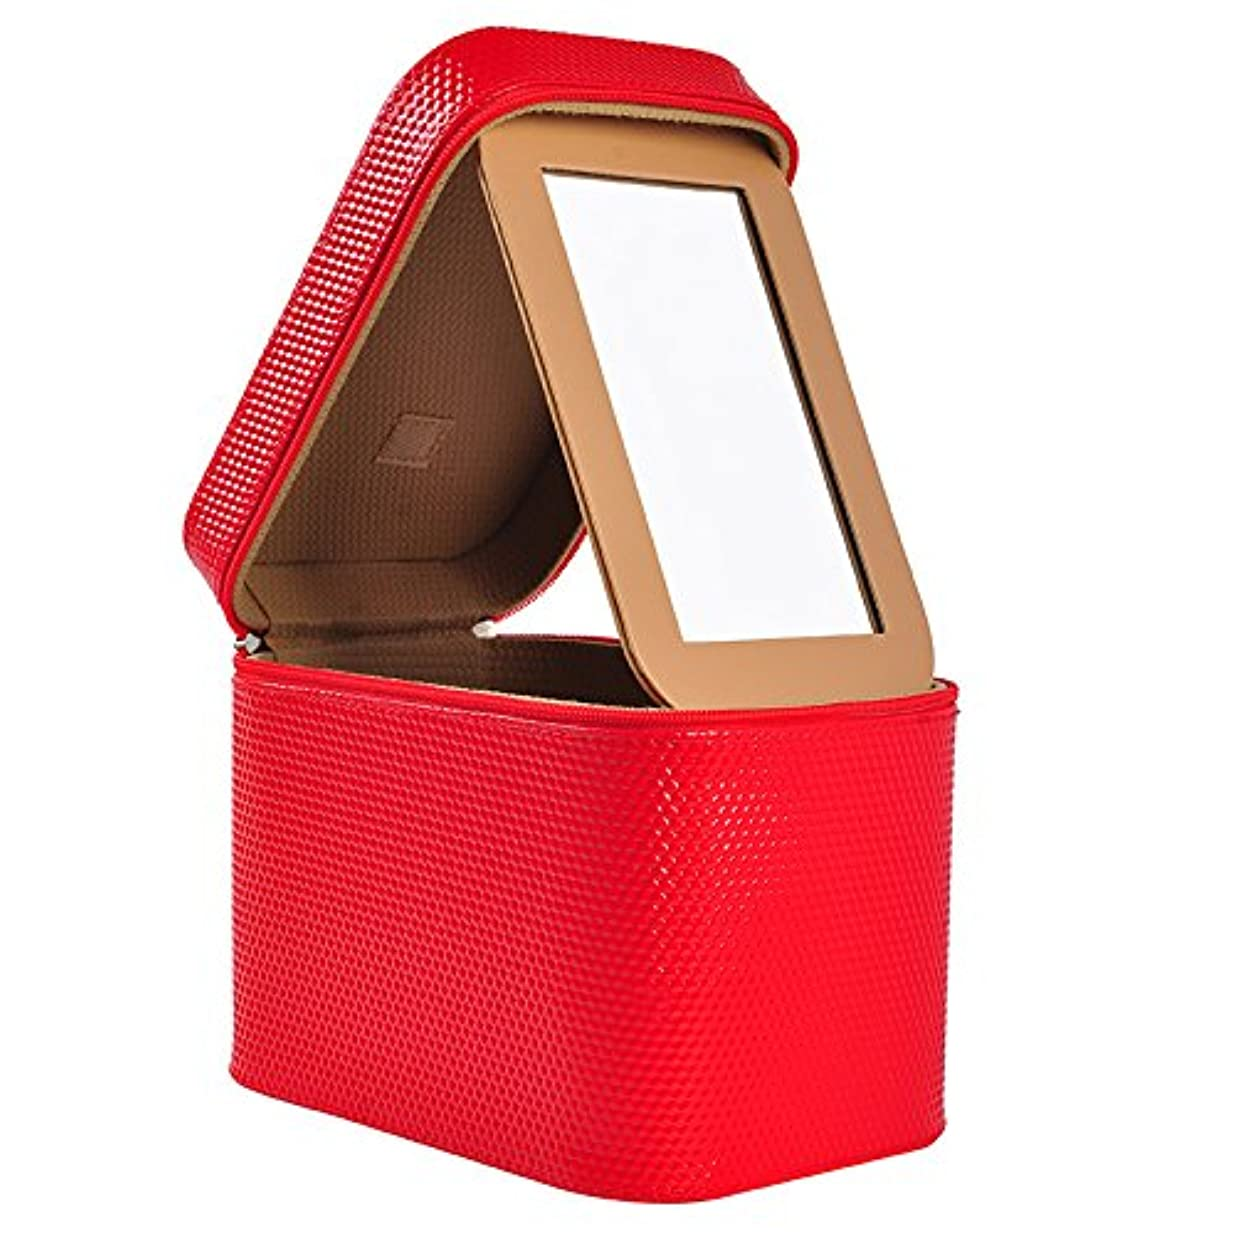 一次測定可能デクリメントメイクボックス ガールズ メイクポーチ 鏡付き 23×15×18cm 化粧ポーチ コスメ収納ポッチ 洗面用具入れ フック付き 収納バッグ おしゃれ 小物整理 超軽量 出張用 旅行用 化粧ケース